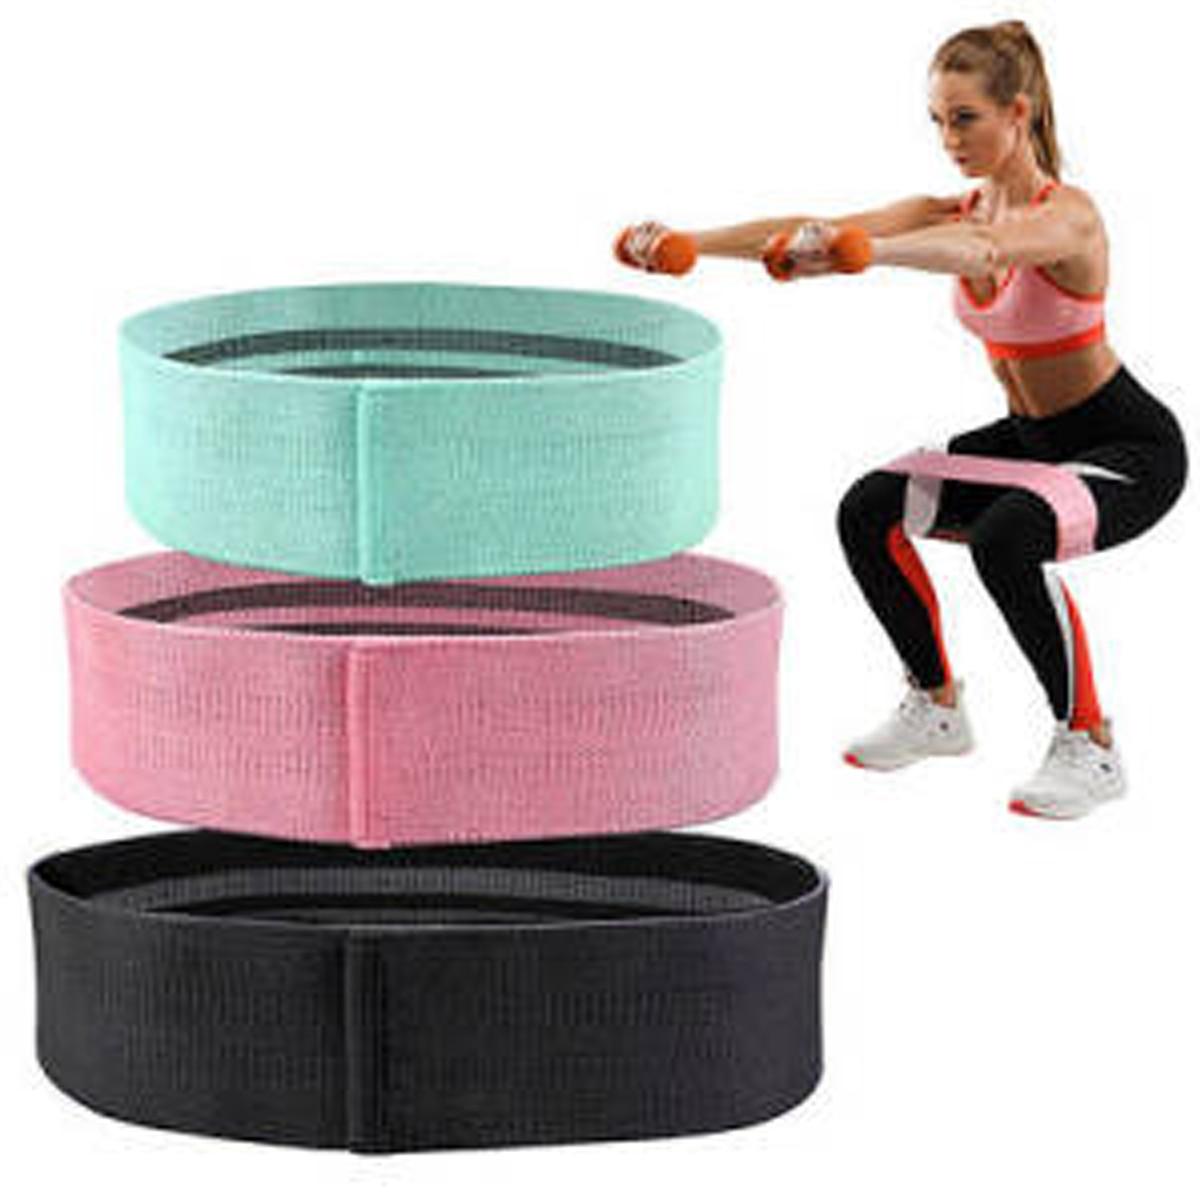 Bawełniane taśmy oporowe Hip przenośne Fitness gumowe ekspander gumką sprzęt do ćwiczeń Squat Loop Booty Band kulturystyki